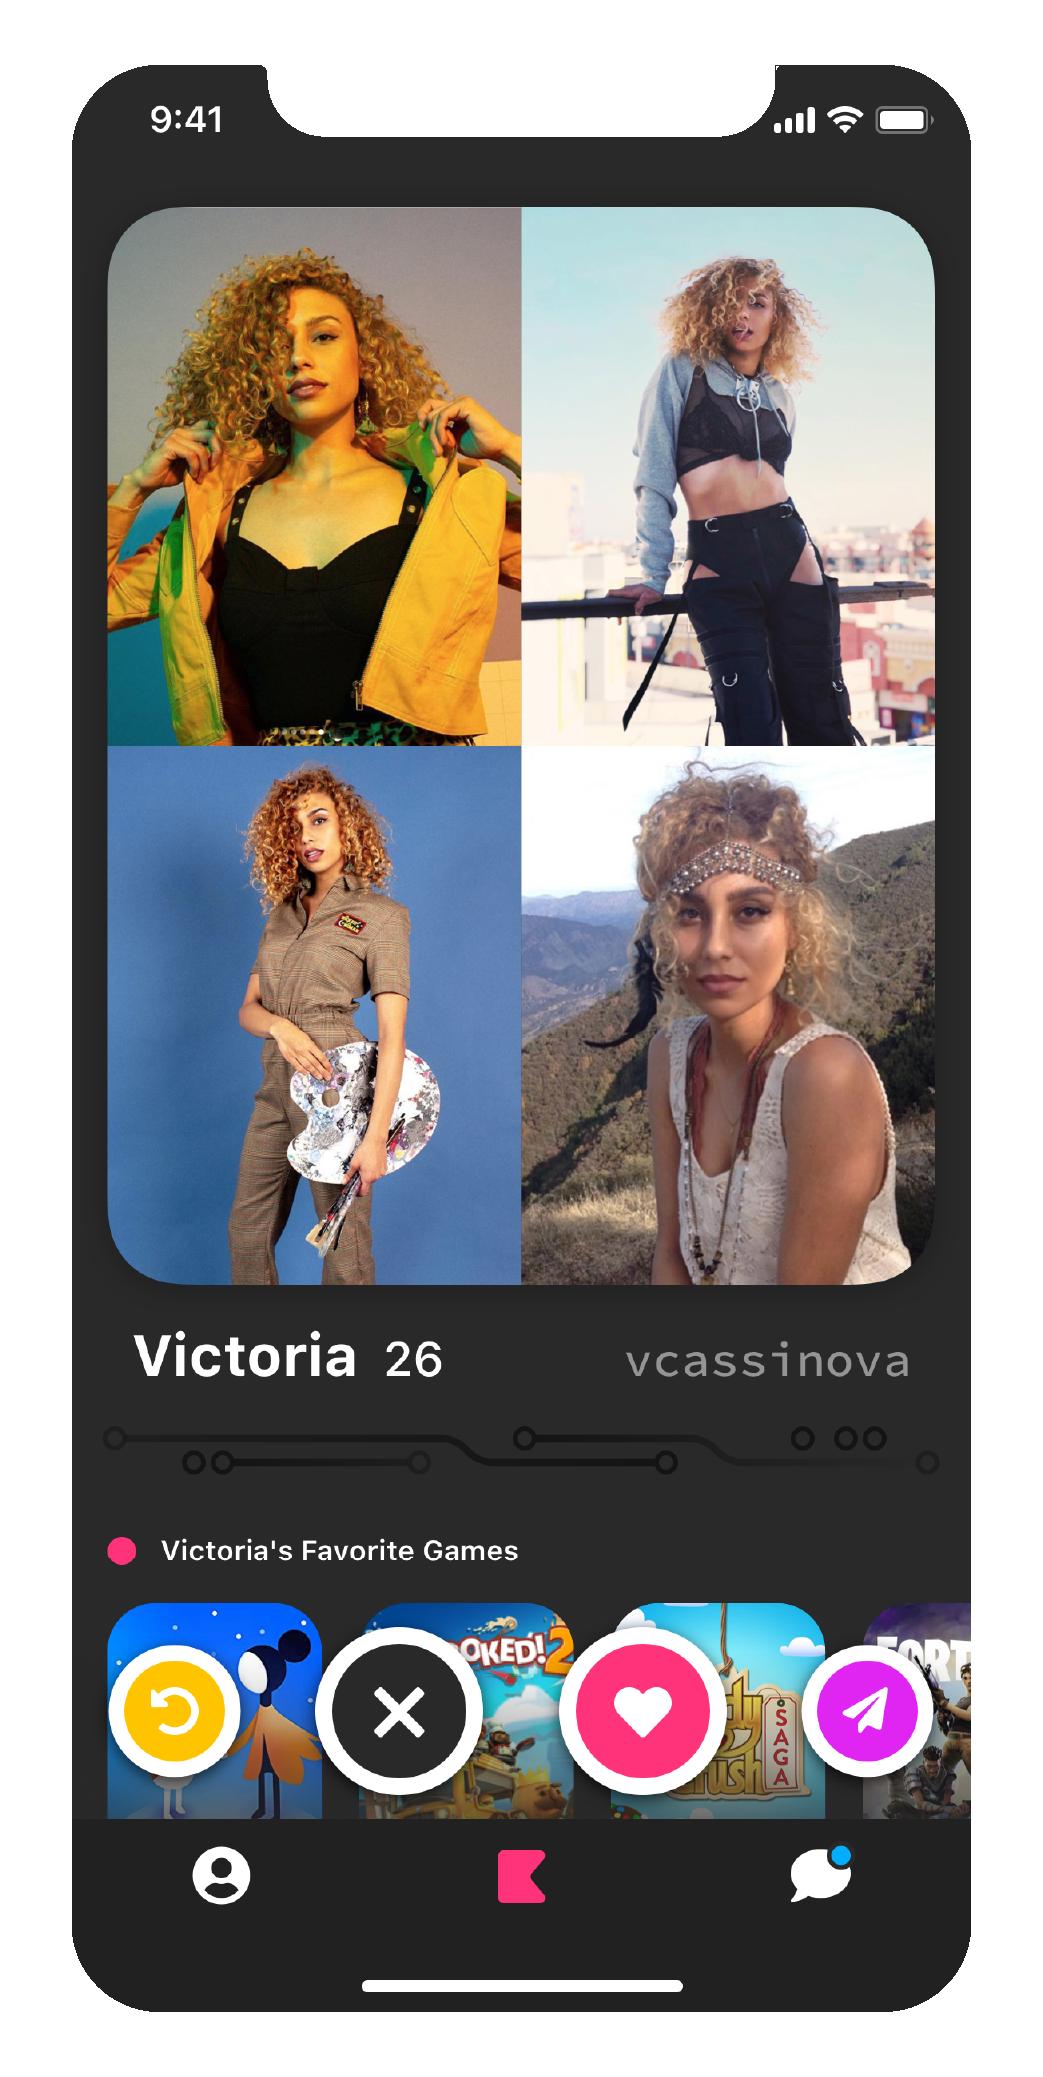 Victoria's profile screenshot